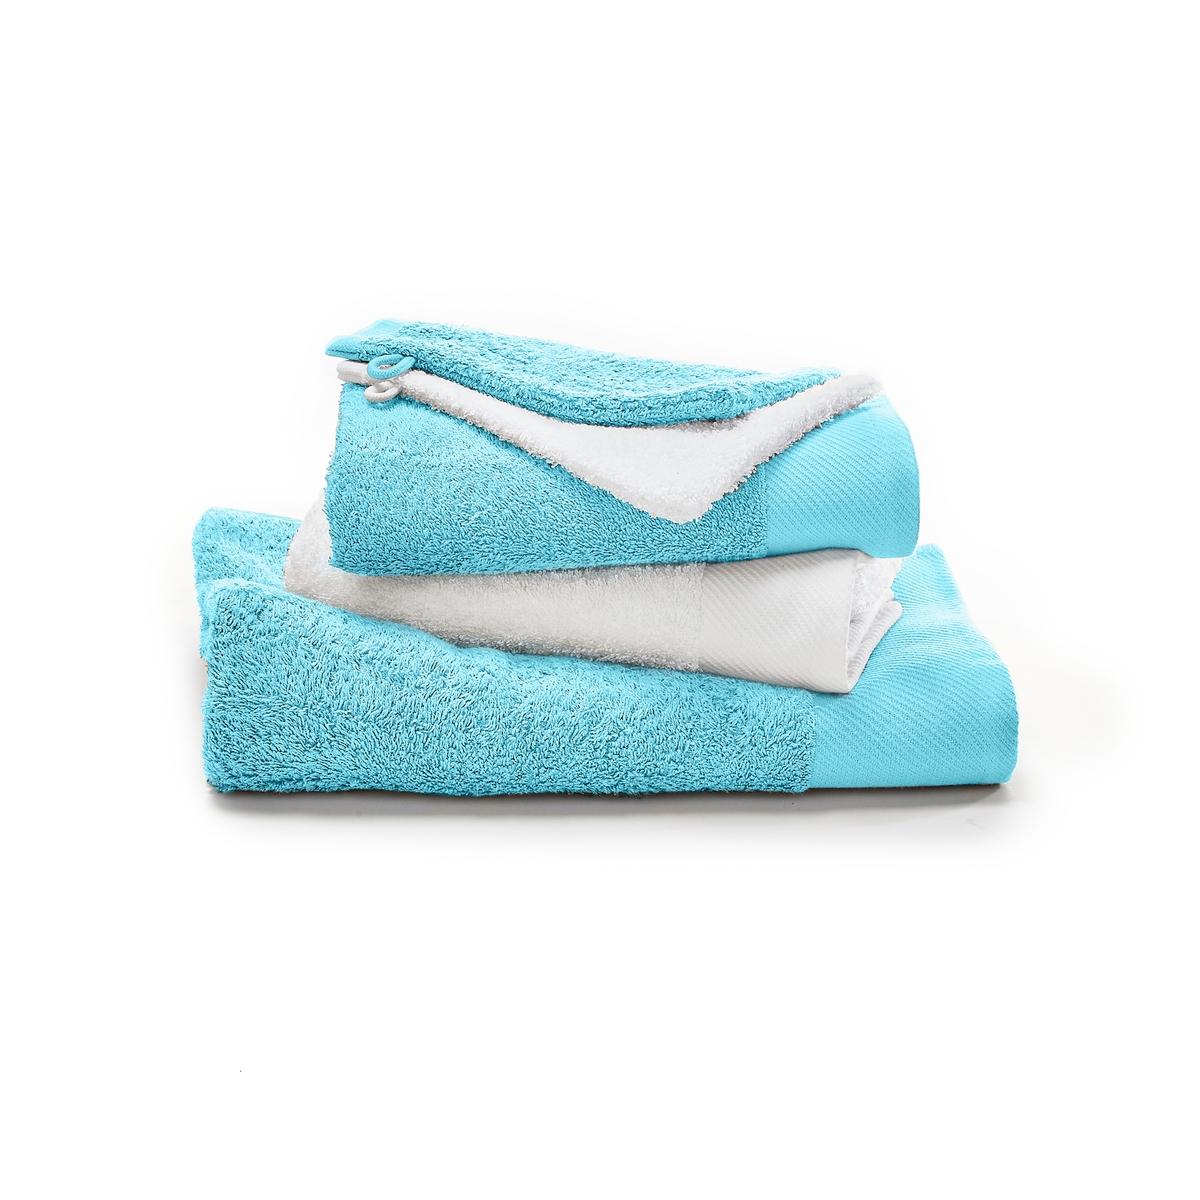 Комплект из двухцветных банных La Redoute Принадлежностей гм SCENARIO единый размер синий полотенце la redoute для рук из махровой ткани хлопок с люверсом единый размер бежевый